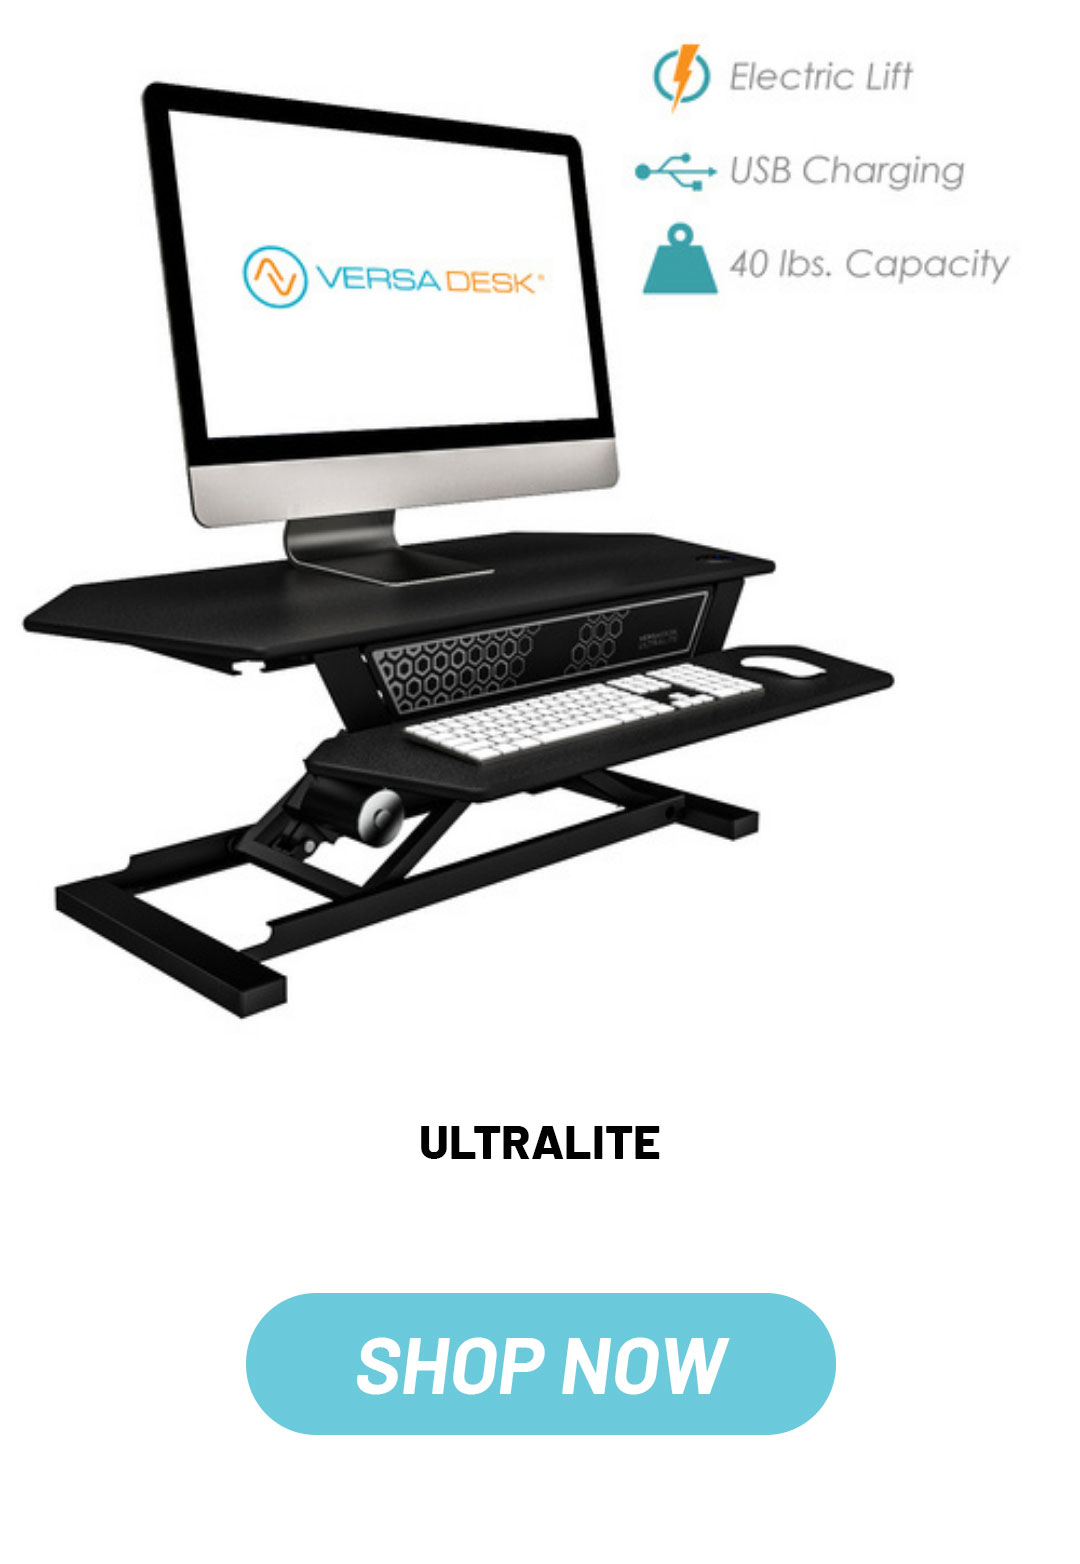 VersaDesk UltraLite standing desk riser